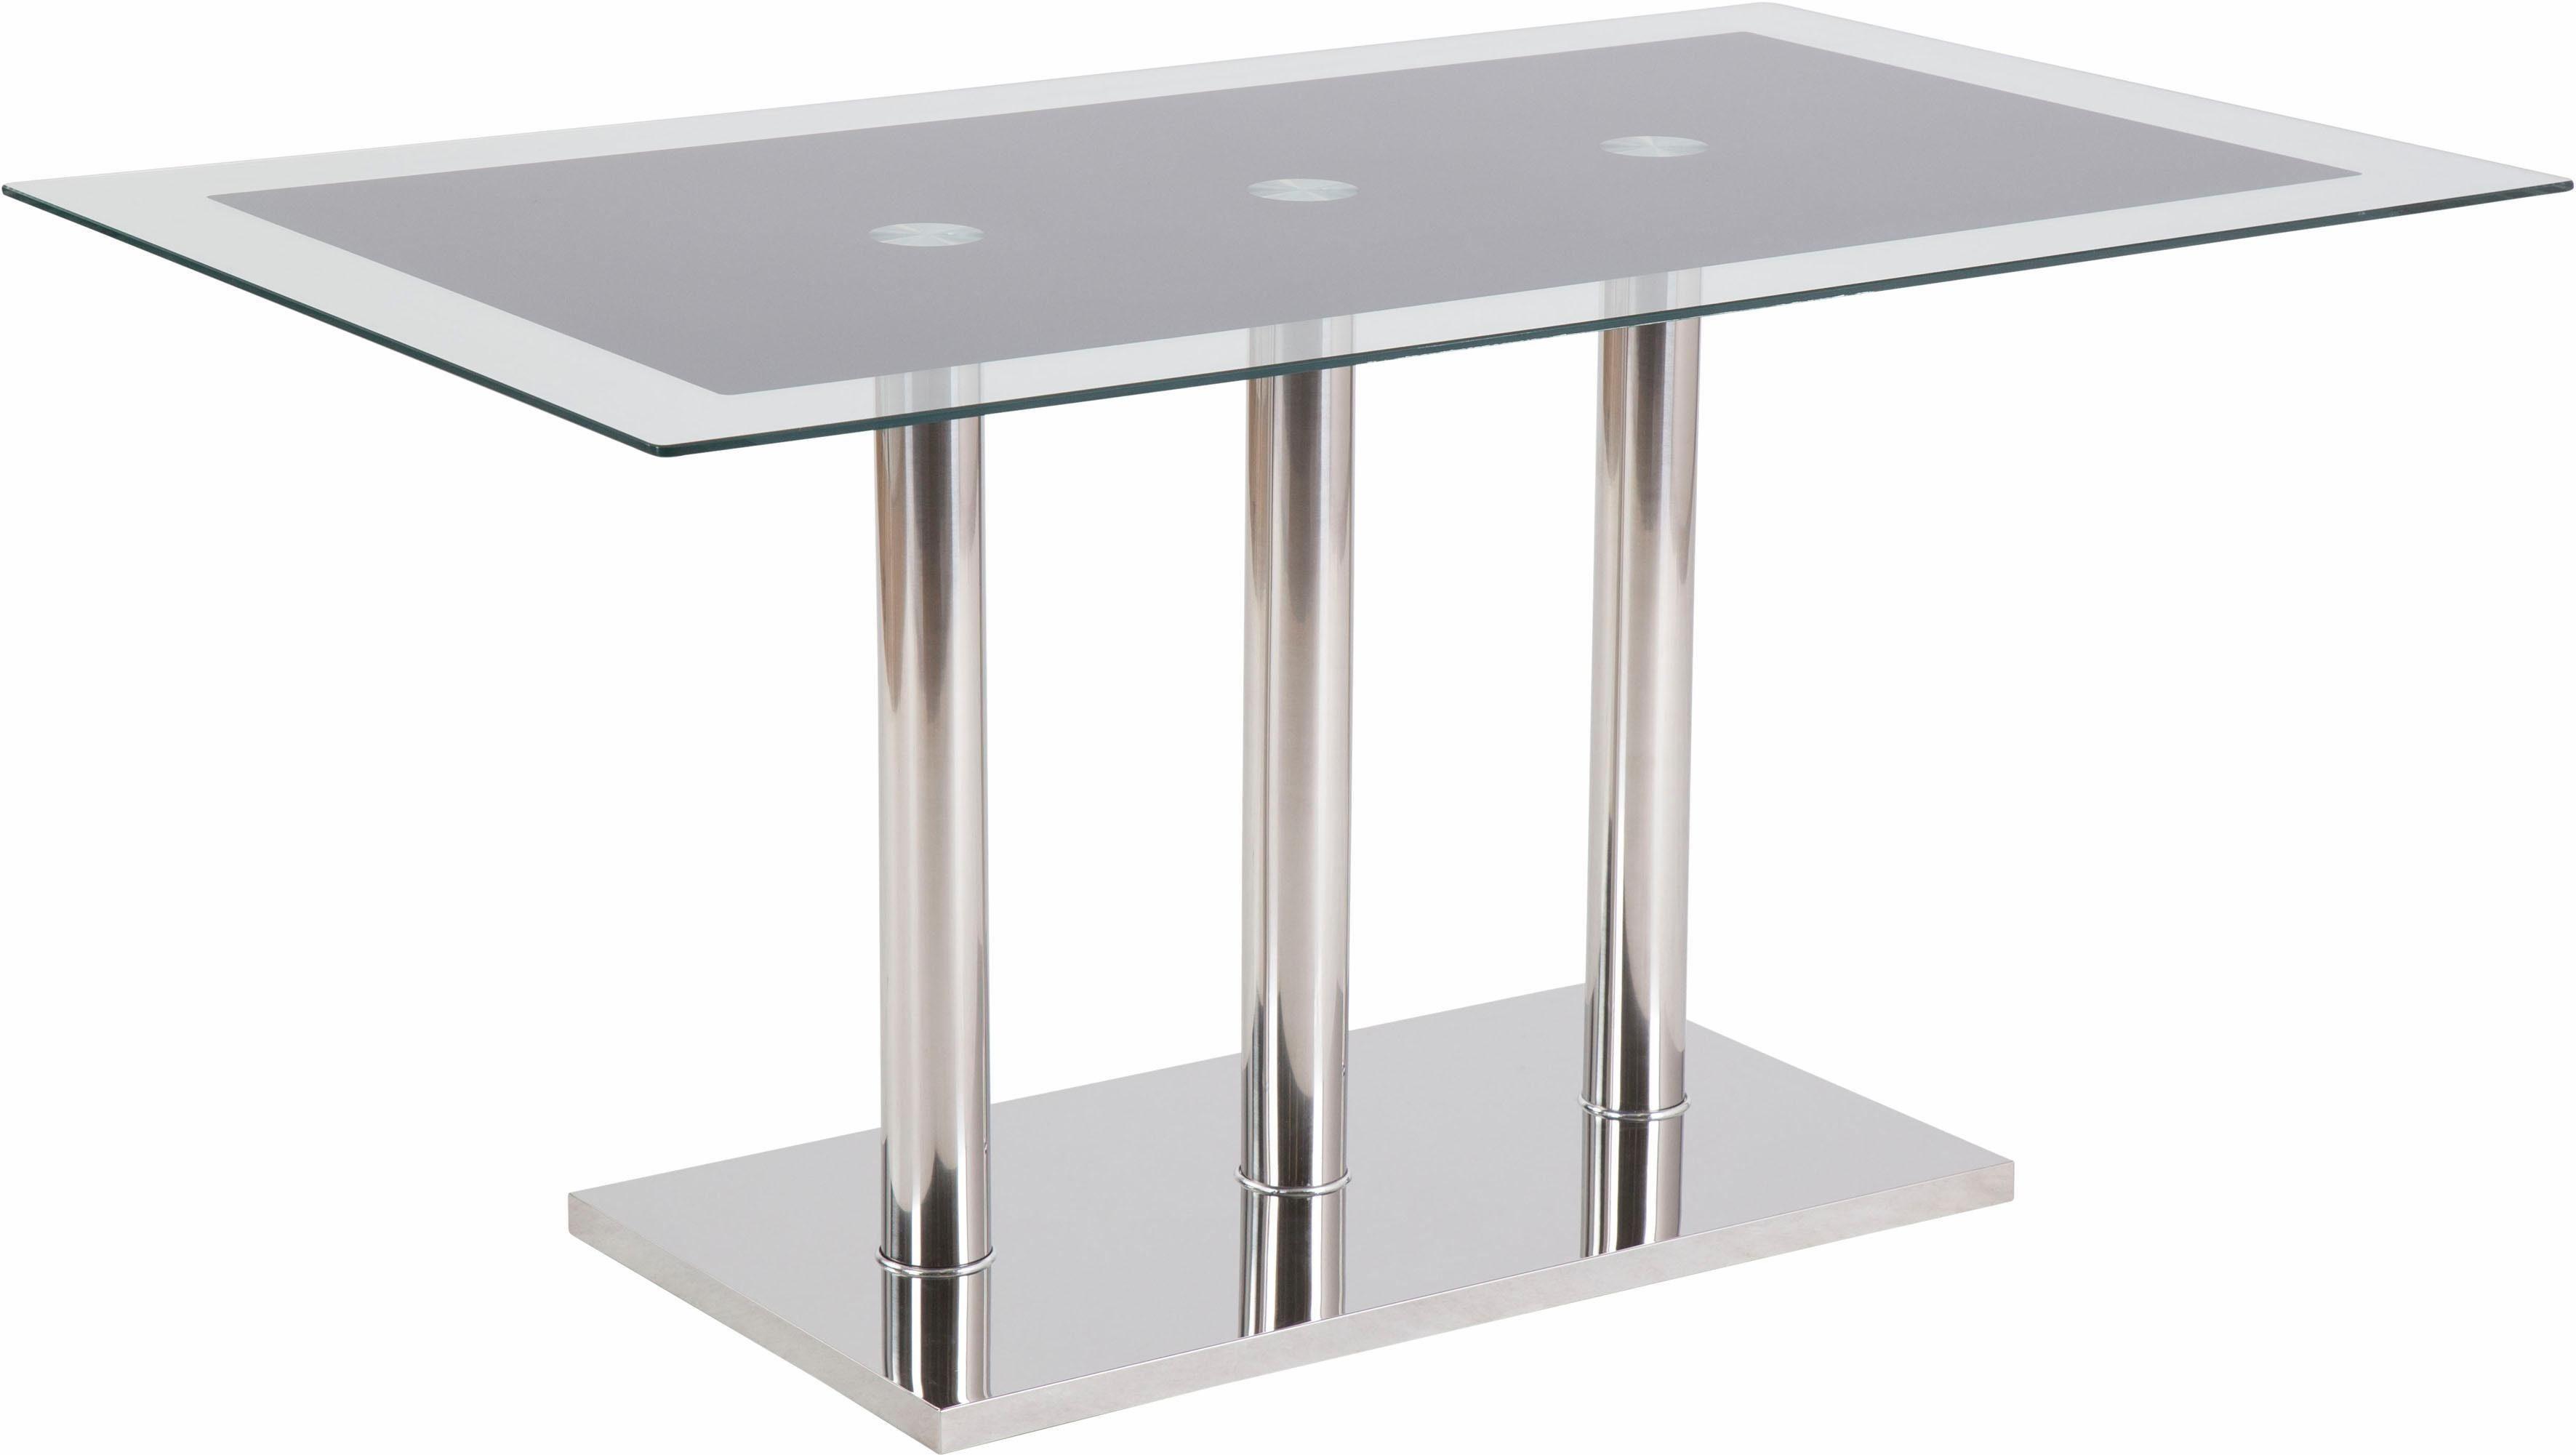 Säulen-Esstisch, Breite 150 cm